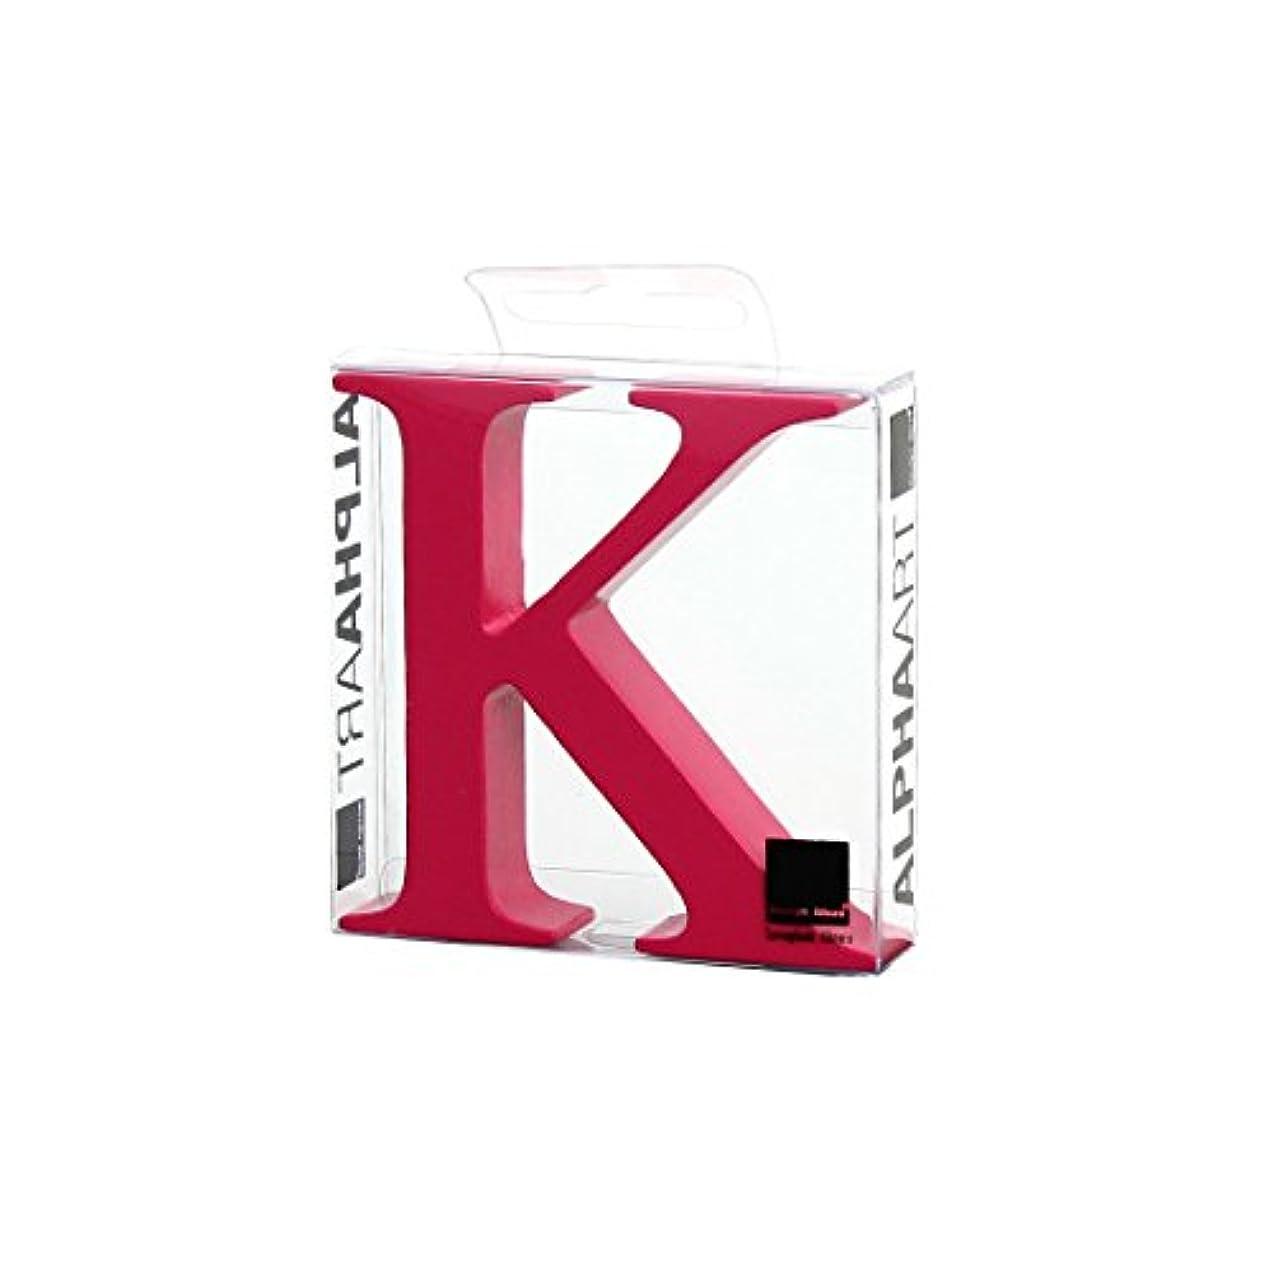 ラフ睡眠バトルシャイカメヤマキャンドルハウス アルファベットブロック カラフル  アルファアートラージK 「 ピンク 」